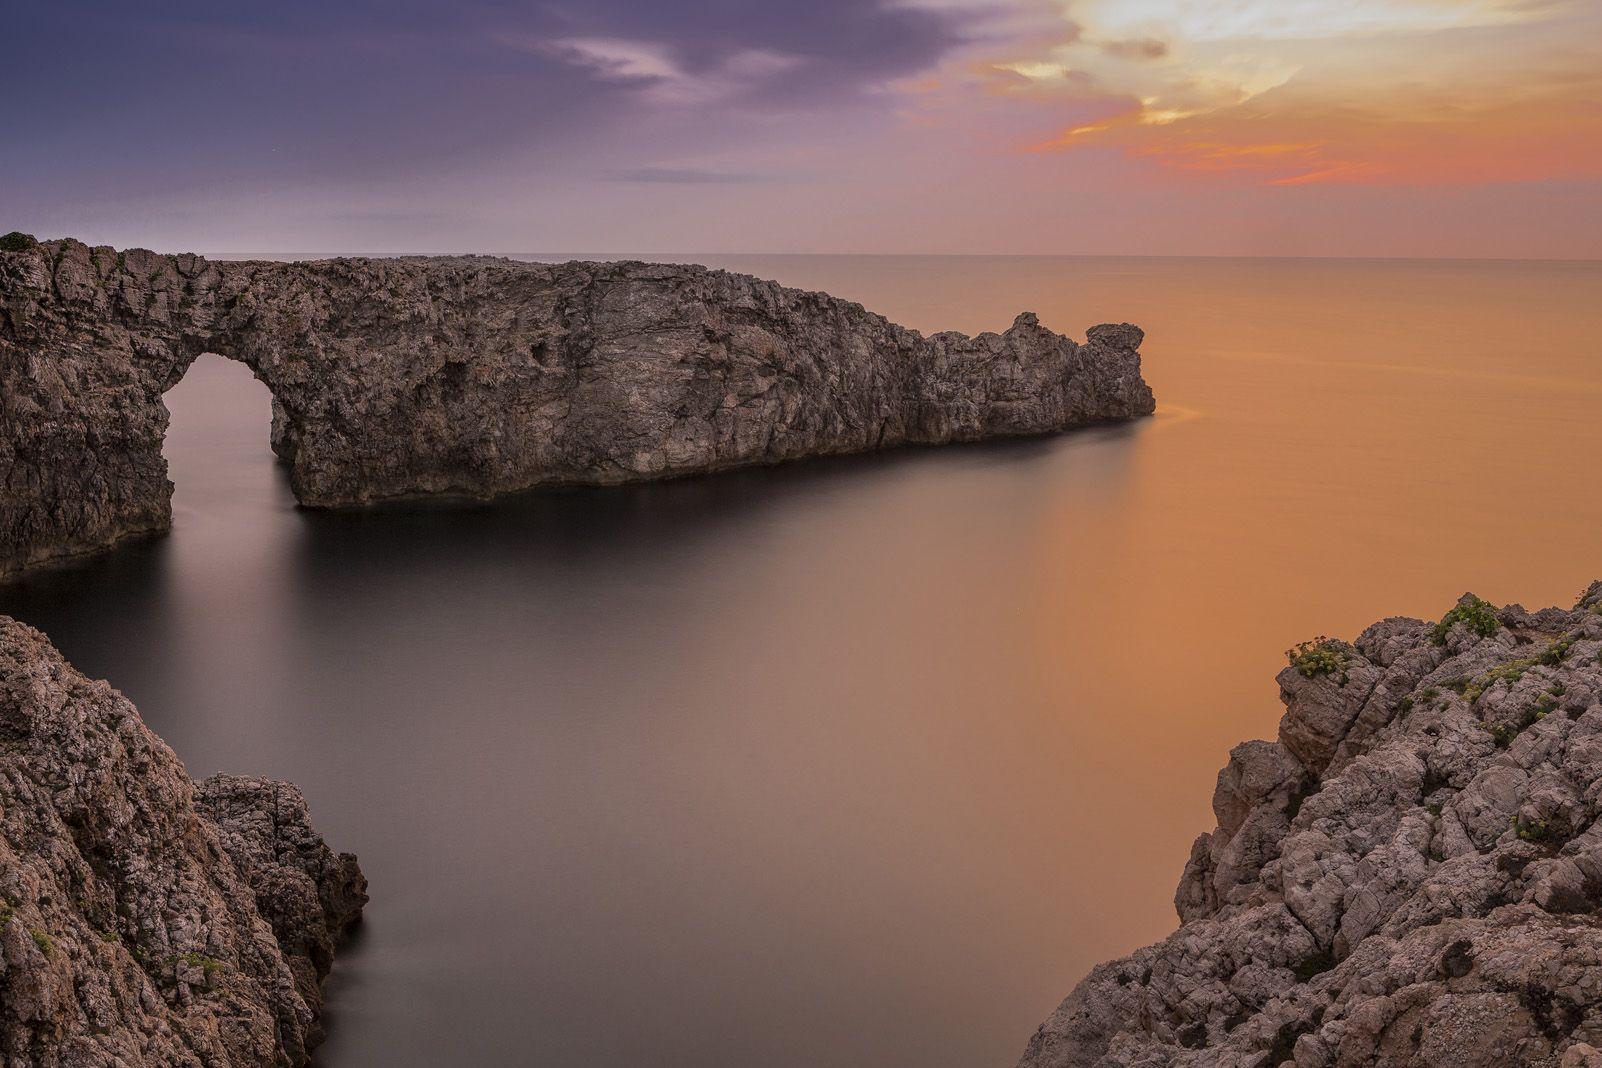 """8è Premi categoria Viatges. """"Posta de sol a Pont d'en Gil, Menorca"""" de Victor Illera Massana."""